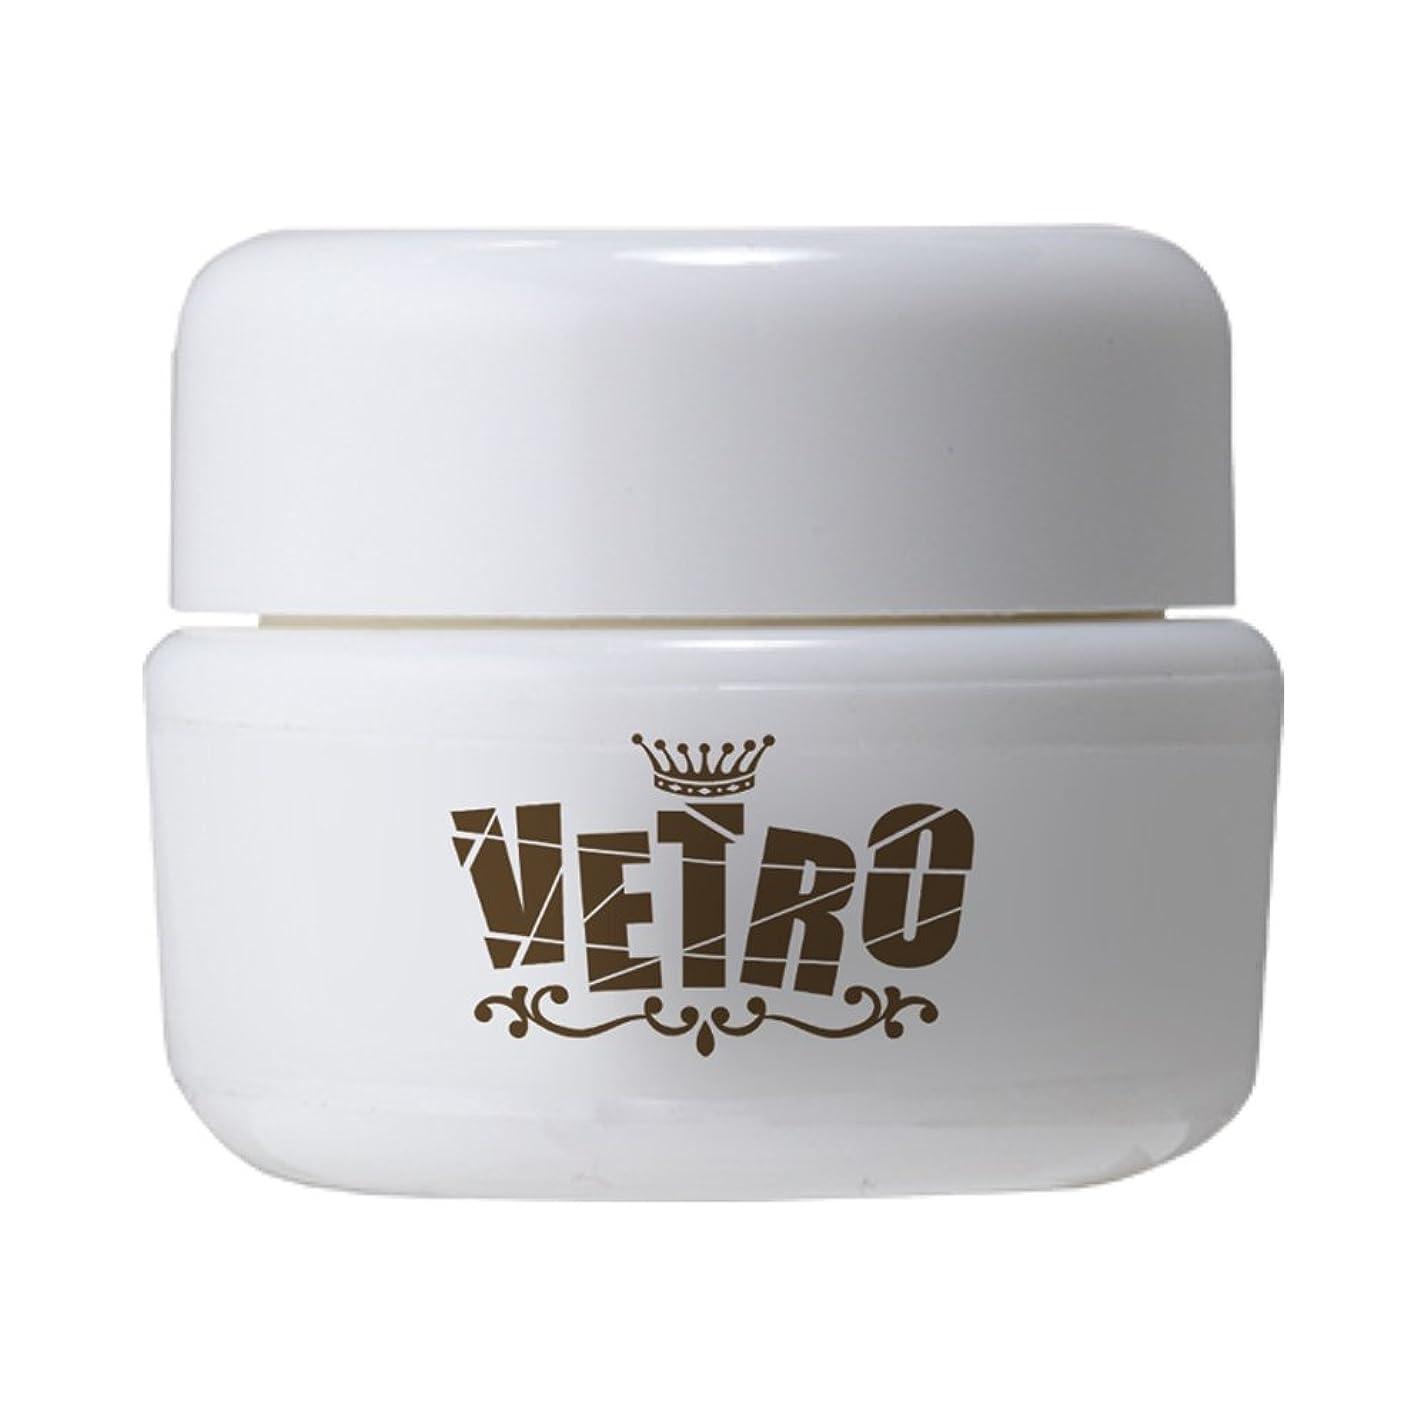 信頼性のある導入する関連付けるVETRO カラージェル VL342 マドモアゼル 4ml UV/LED対応 ソークオフジェル マット ヌードダークピンク